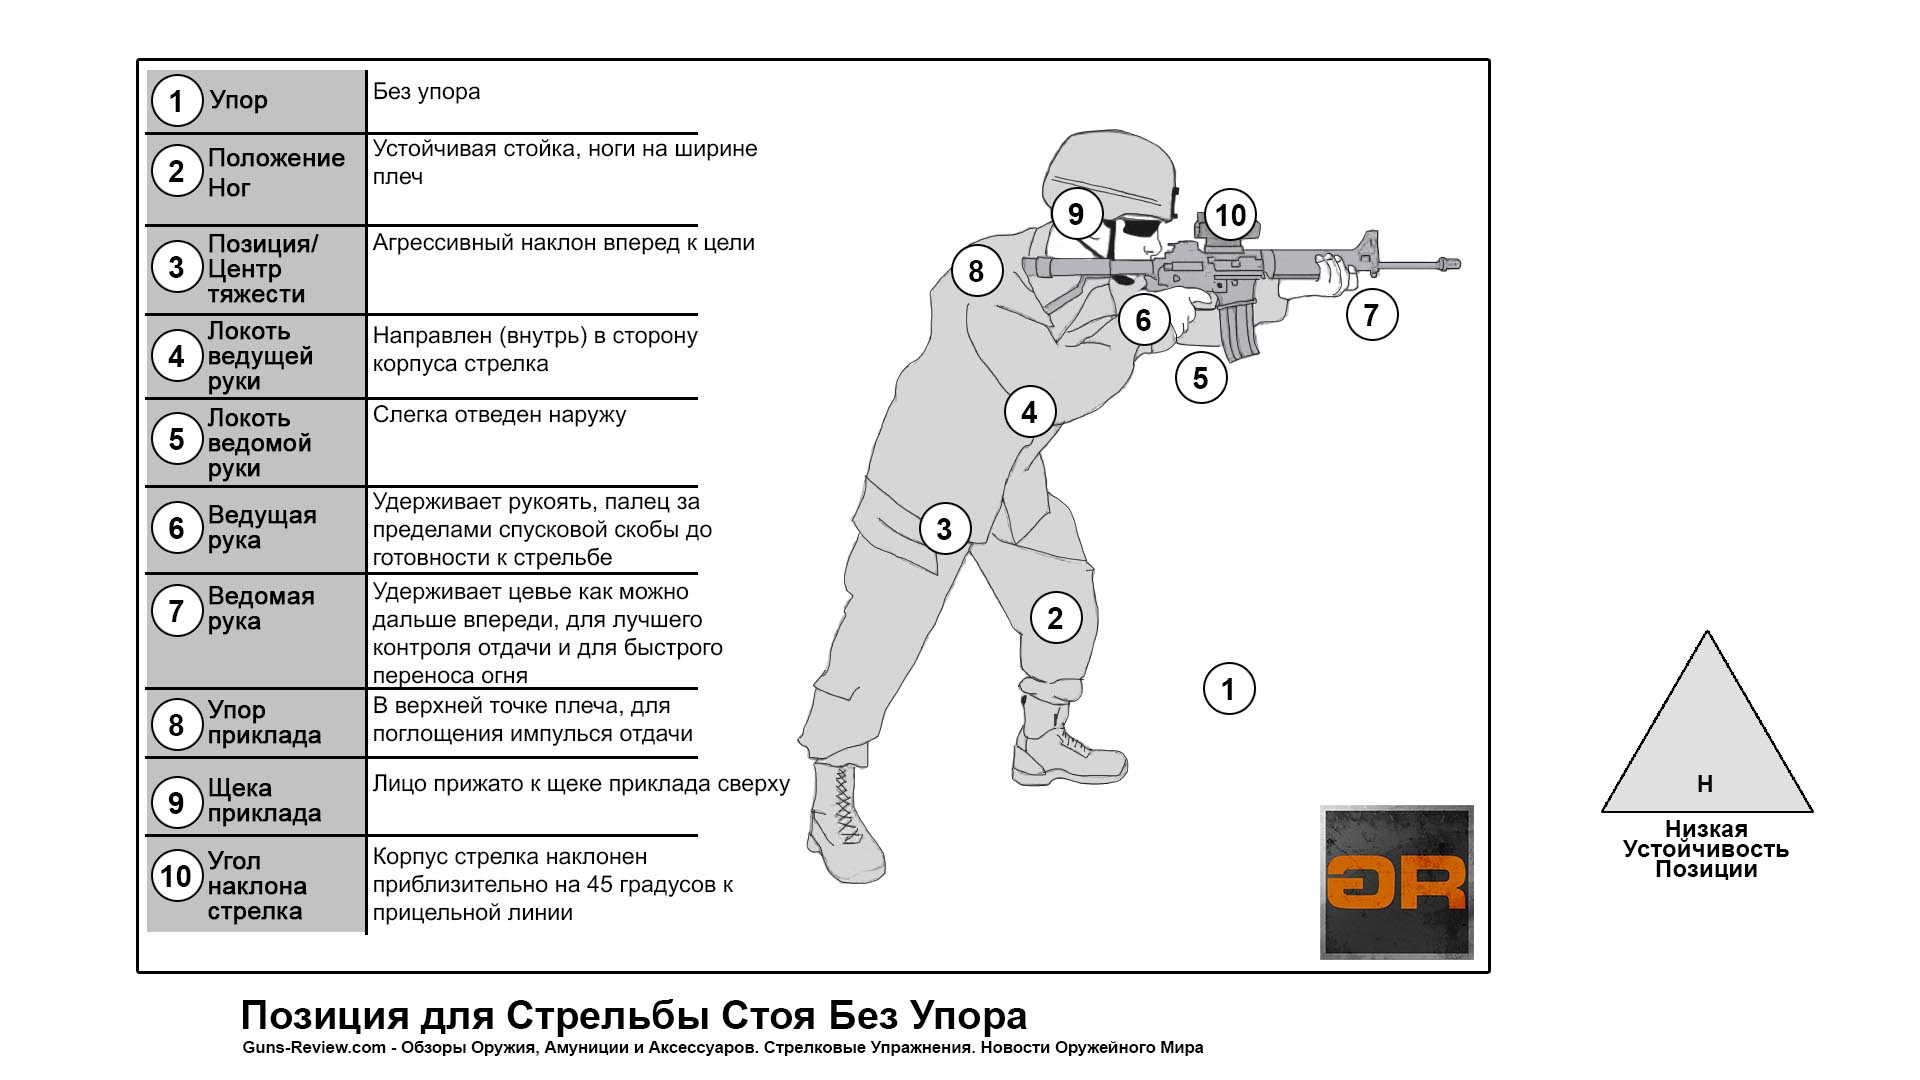 Схема и Описание позиции для стрельбы стоя / US ARMY Rifle and Carbine, 2016. Перевод и адаптация Guns-Review.com